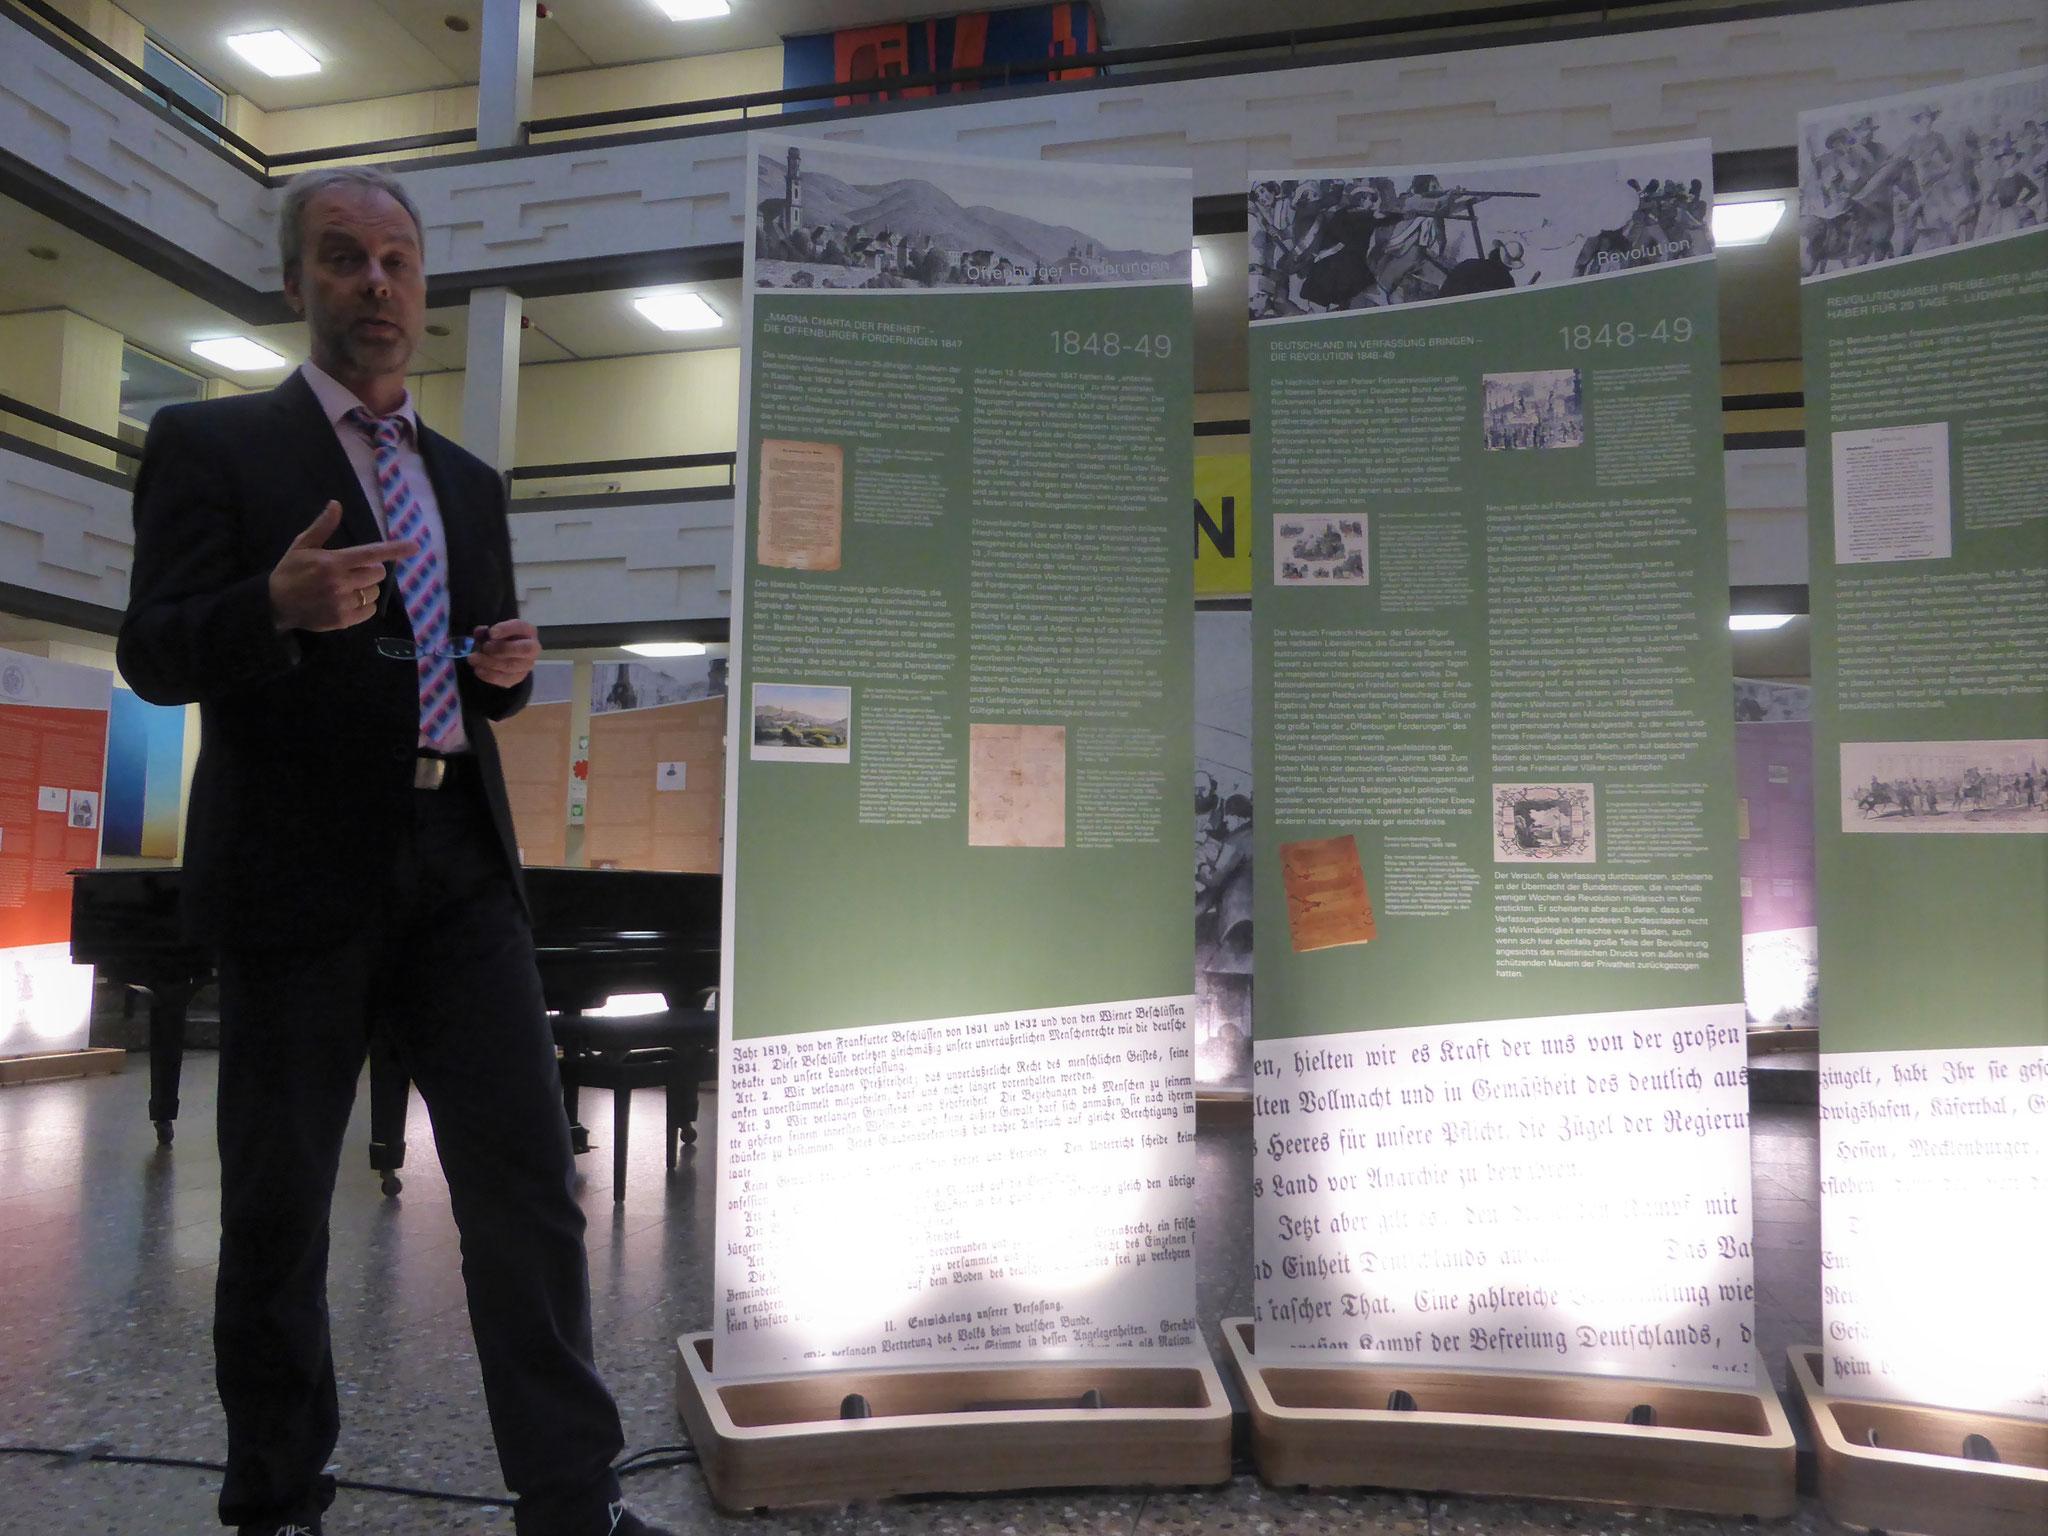 P. Exner erläutert die Entwicklung der Demokratiebewegung in Baden